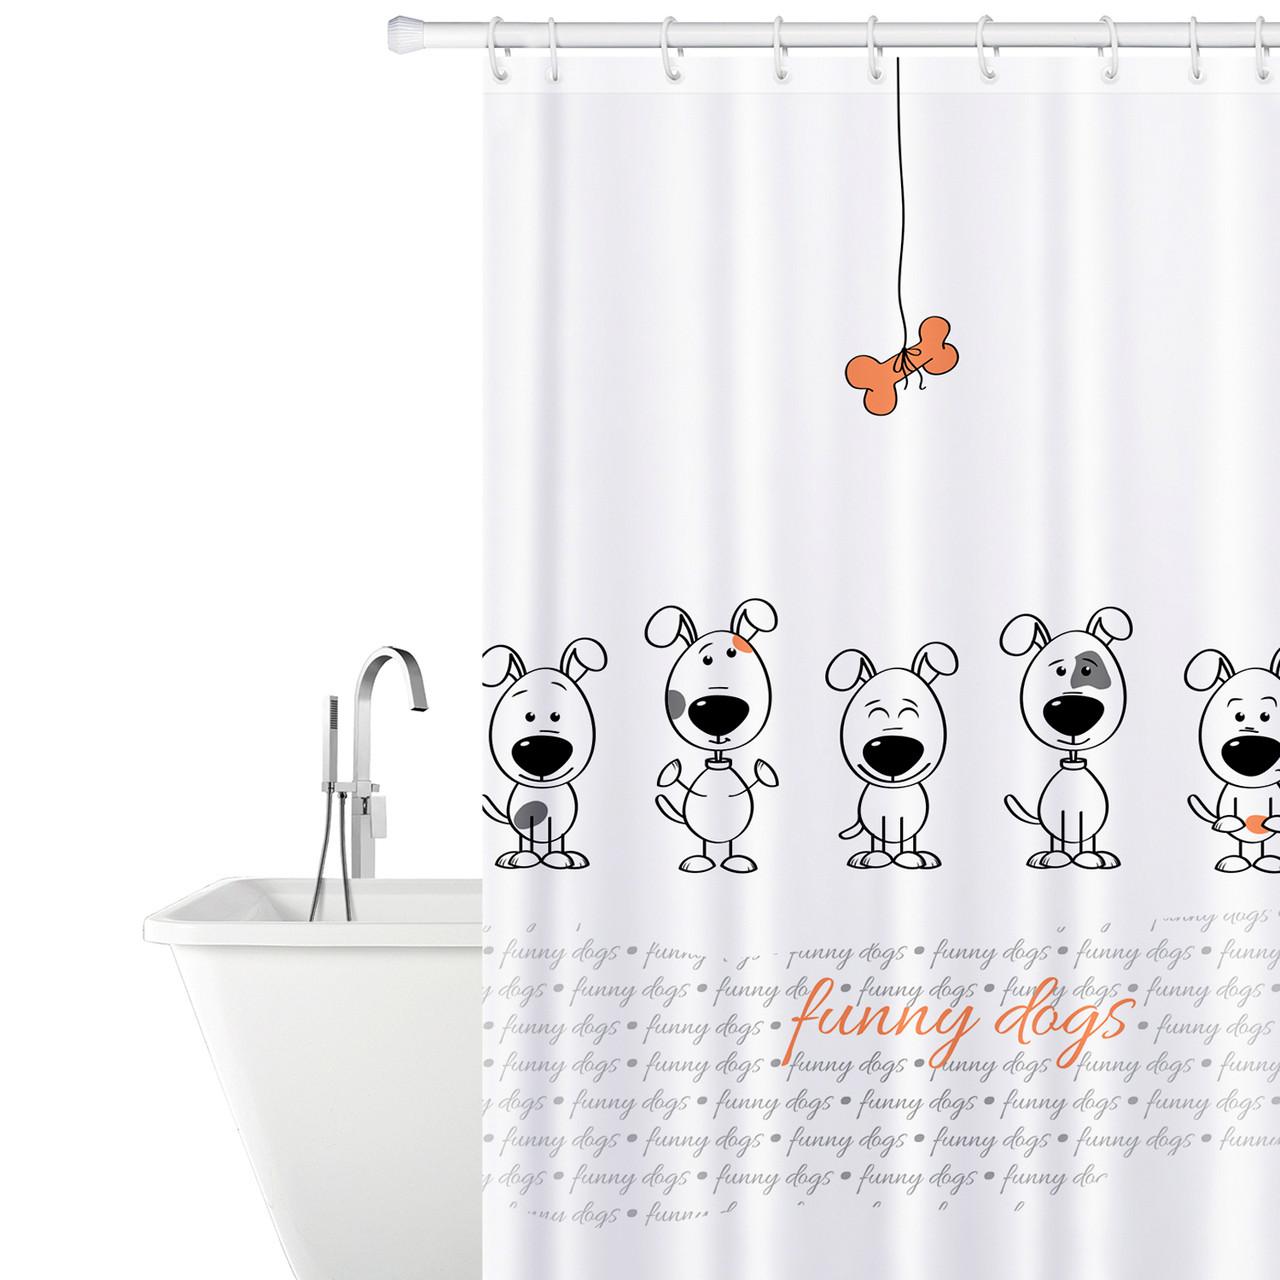 Тканевая штора для ванной комнаты Tatkraft 180 х 180 см Веселые собаки 18136, КОД: 166751